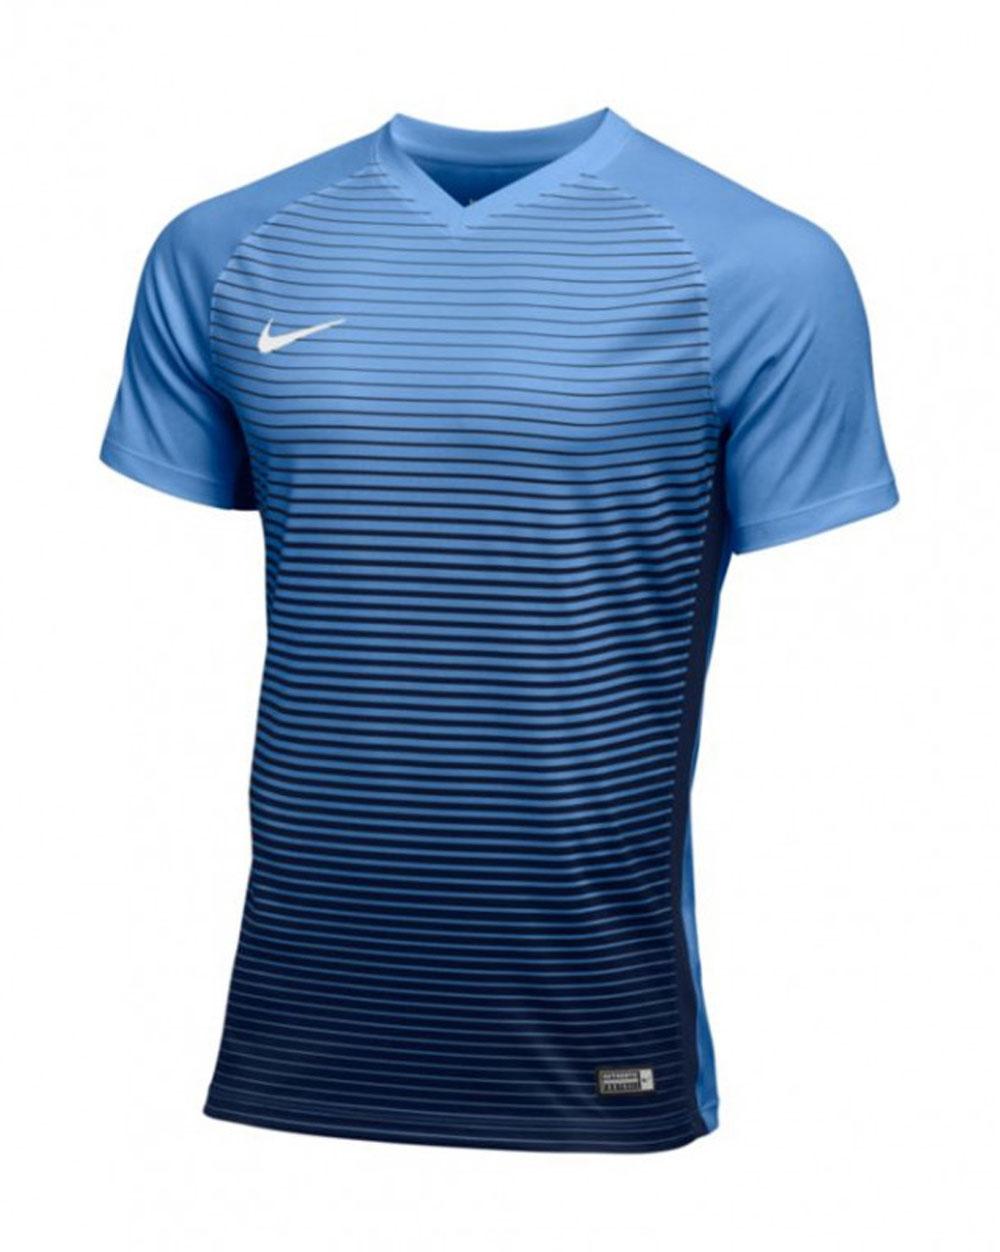 f8ce050bfc58a The Futbol Store - Camisetas de fútbol Nike y Adidas desde  339